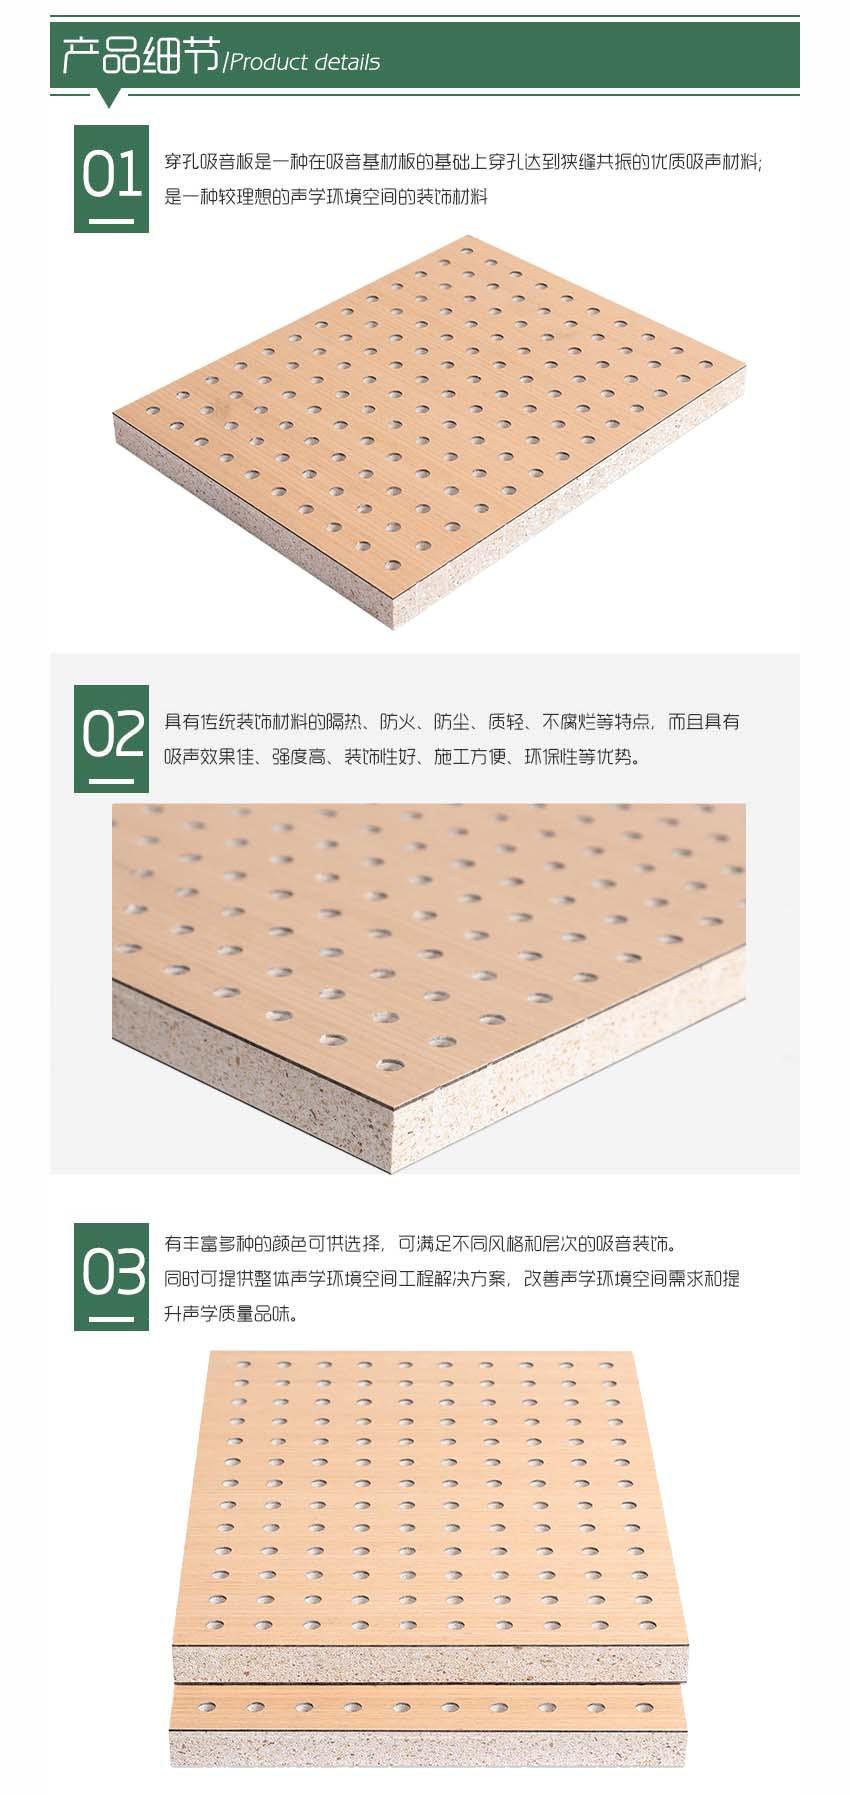 白色玻镁穿孔吸音板产品细节